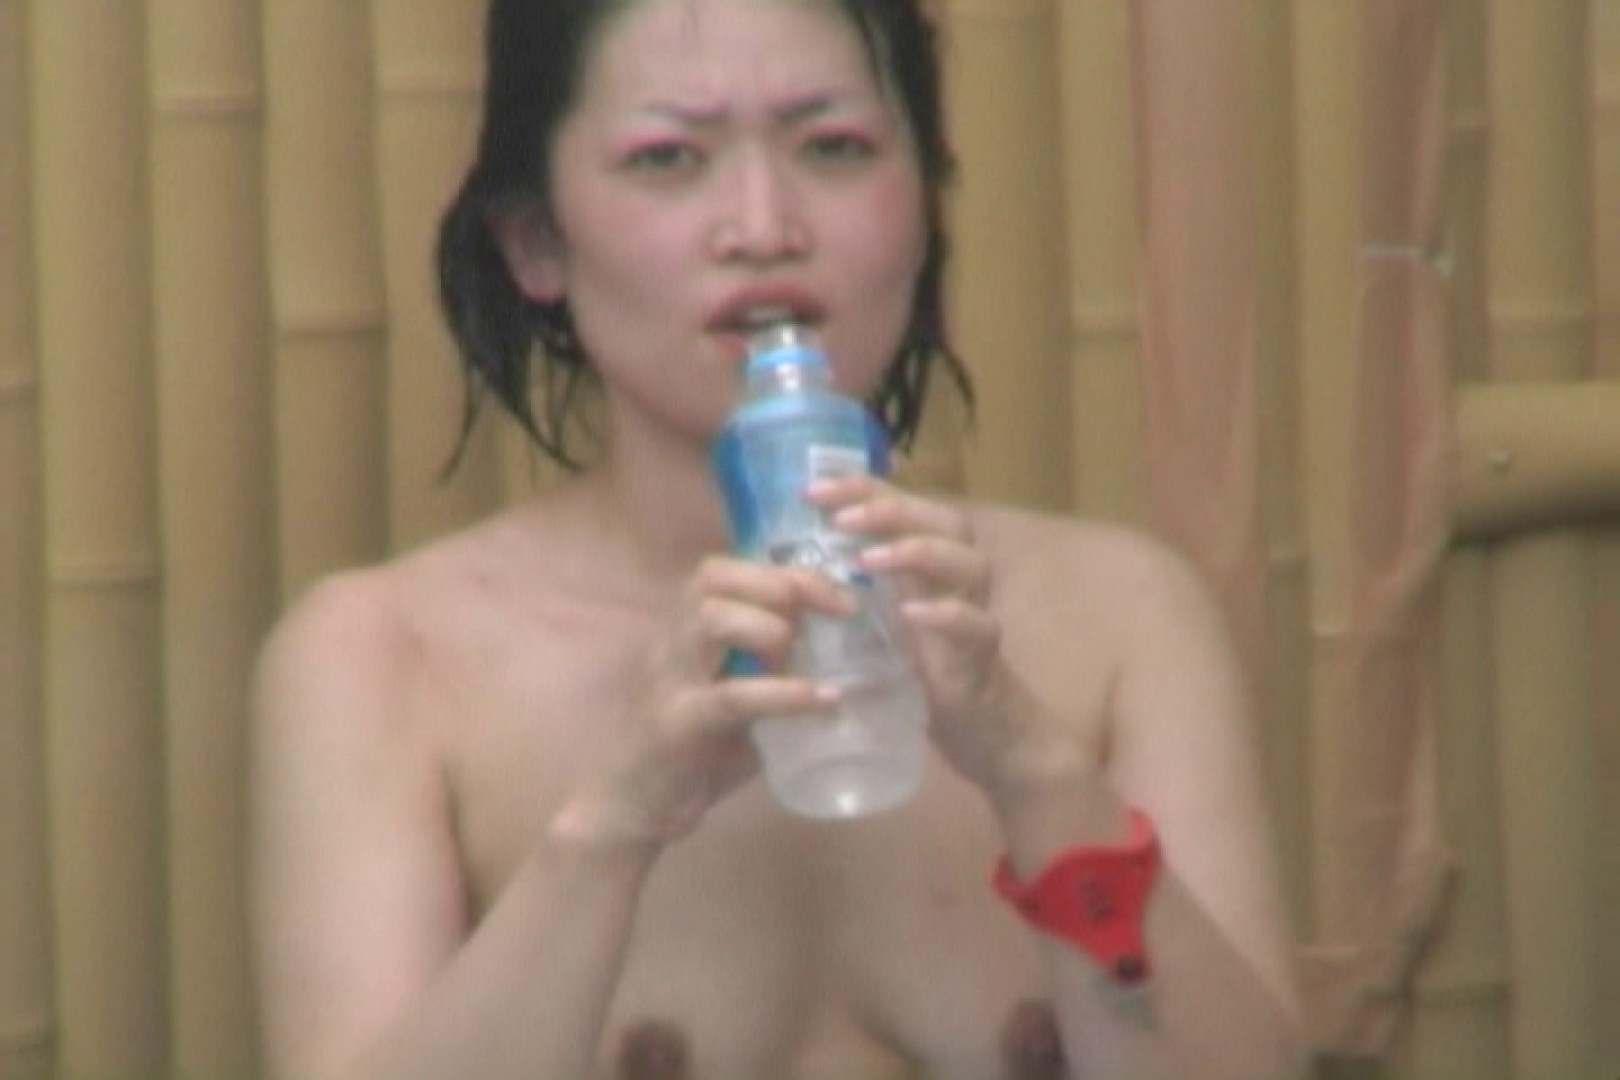 Aquaな露天風呂Vol.11【VIP】 盗撮  67画像 60